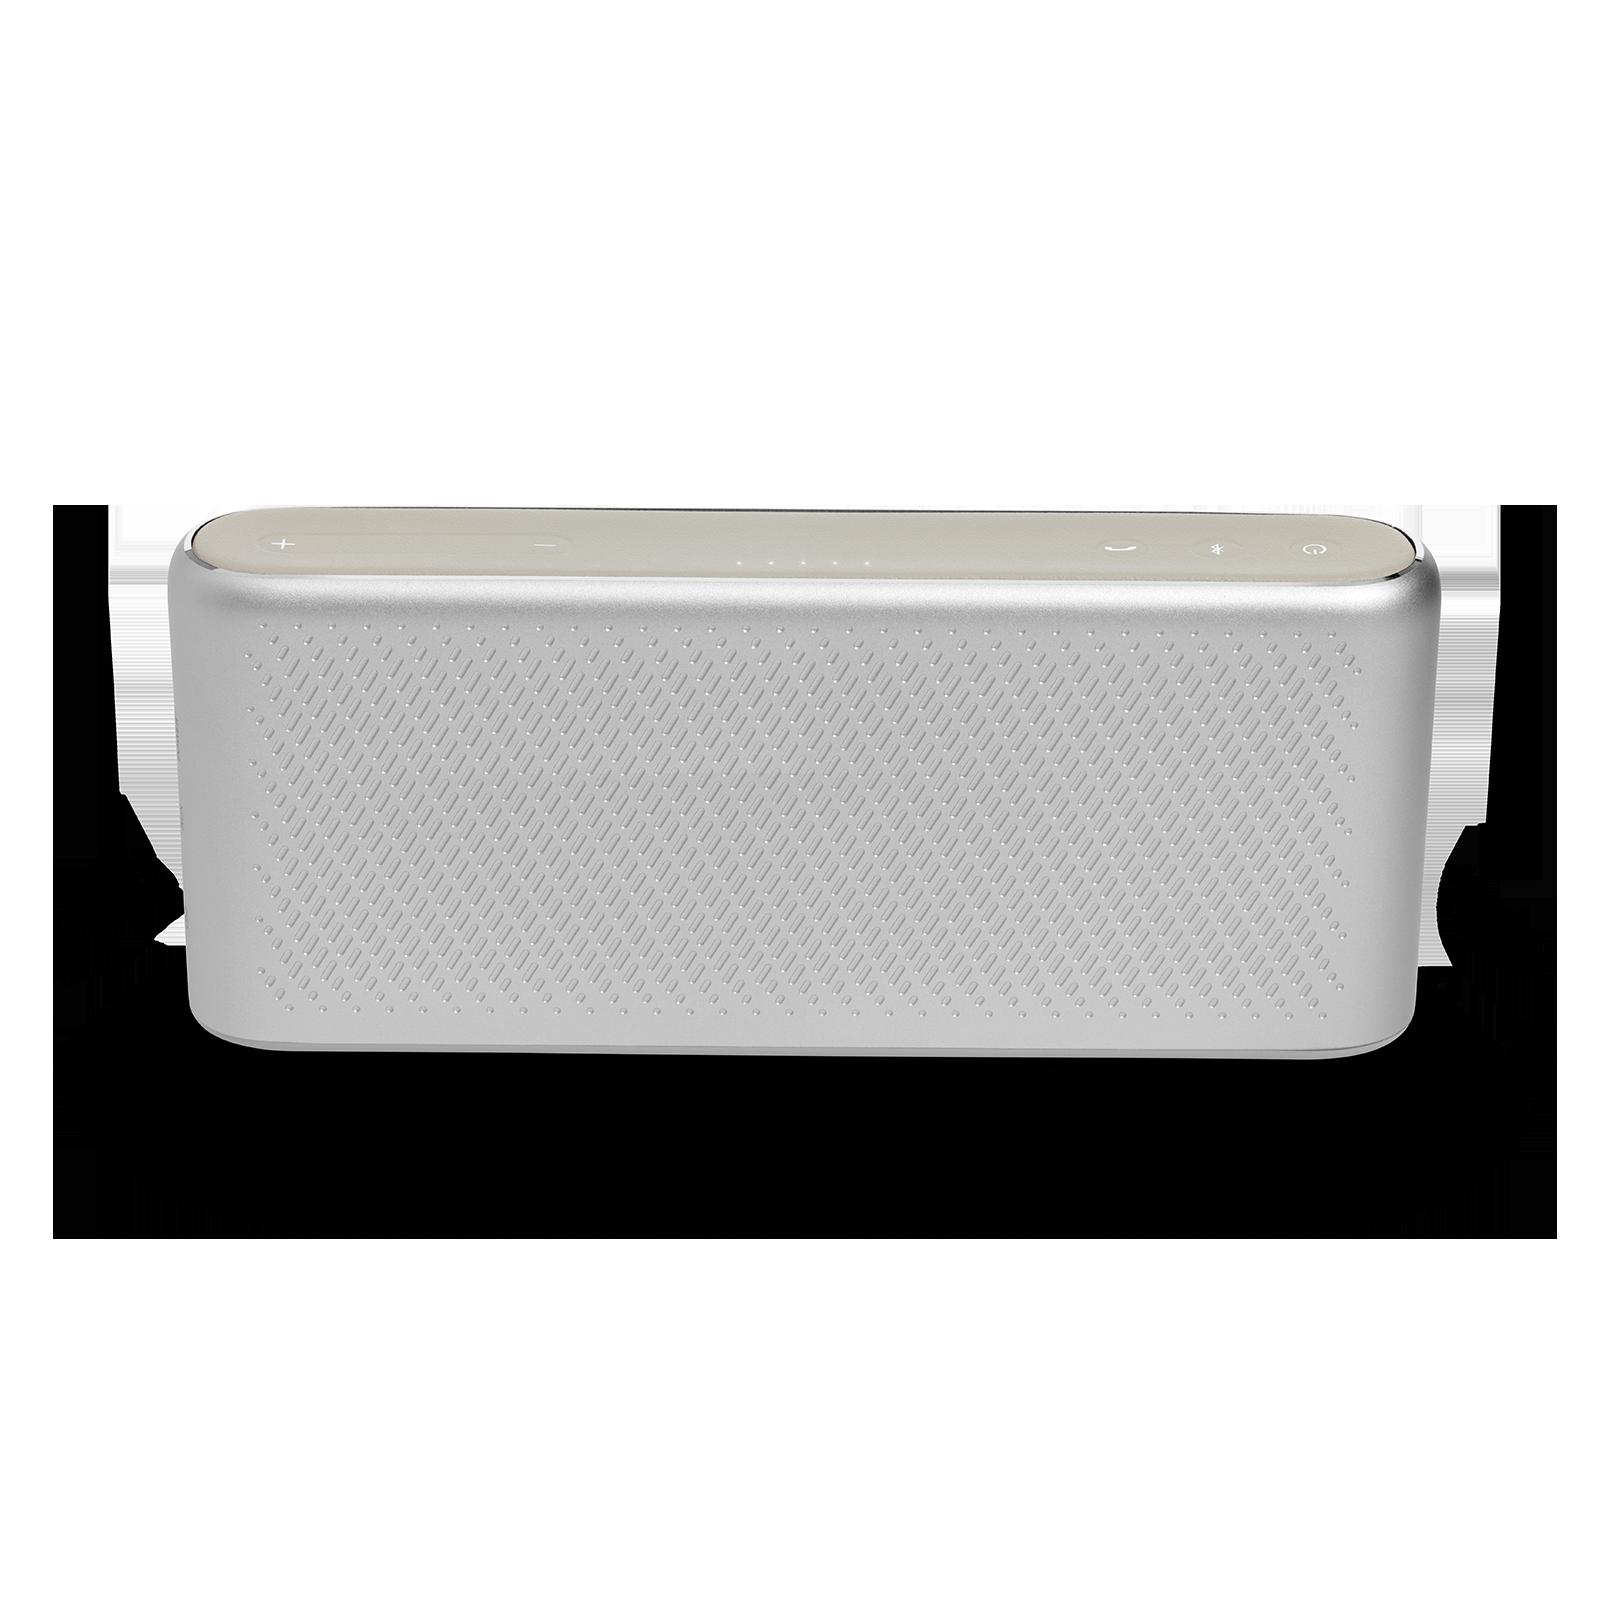 Traveler - Silver - All-in-one travel speaker - Back